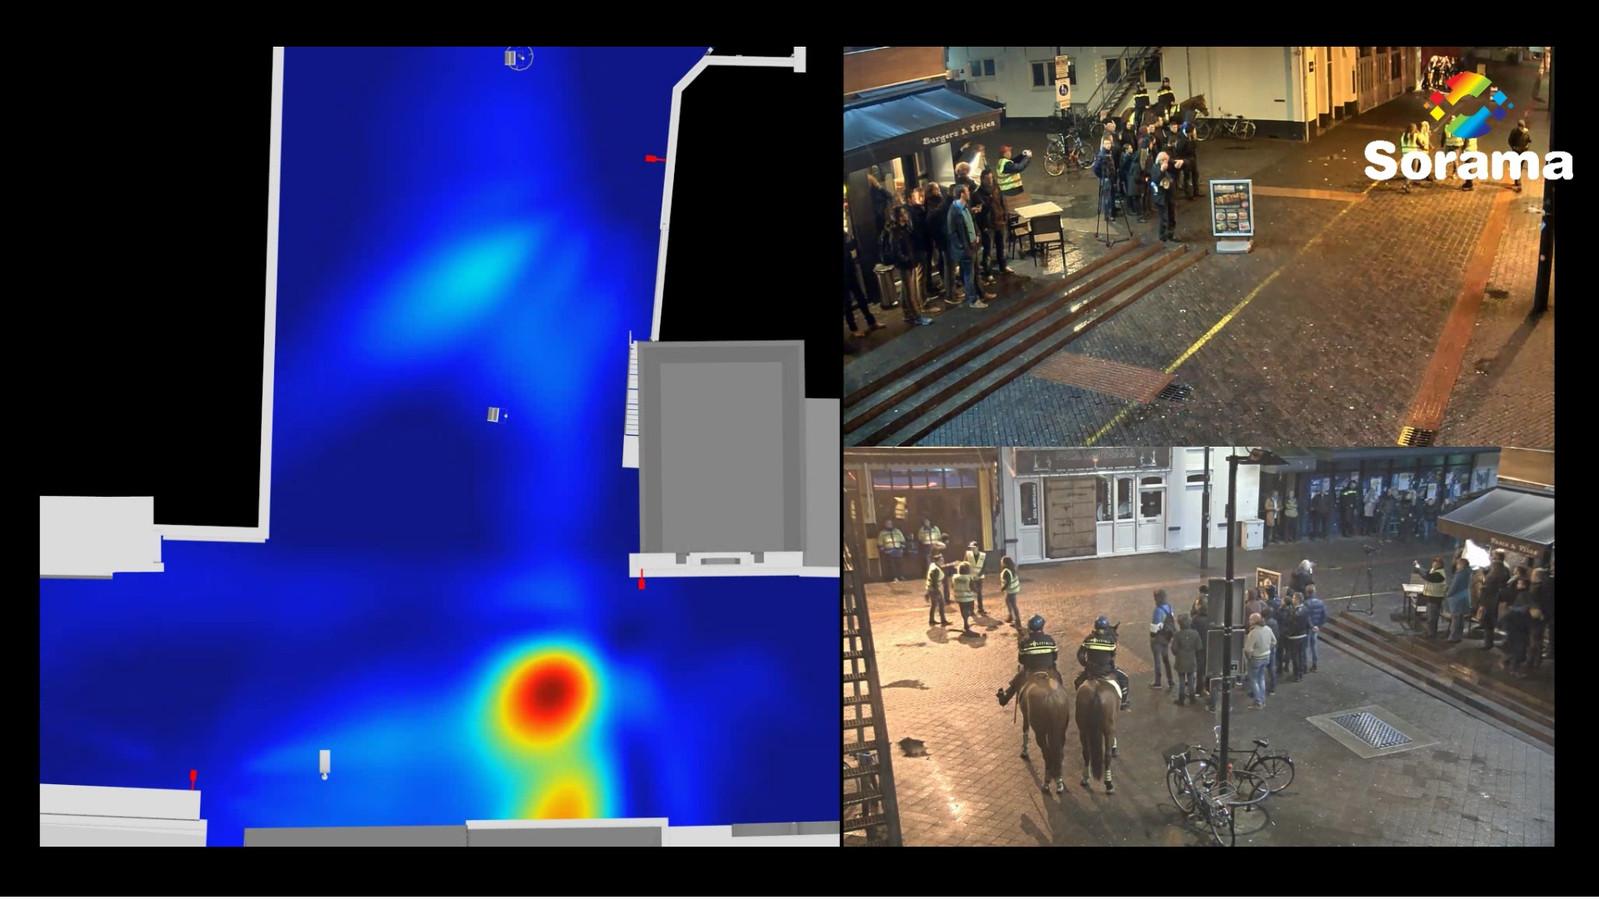 Het Living Lab op Stratumseind werkt met slimme camera's en microfoons. Rechts de ivm privacy vage camerabeelden. Links (de rode vlek) registreren de microfoons geschreeuw van bezoekers van de straat.